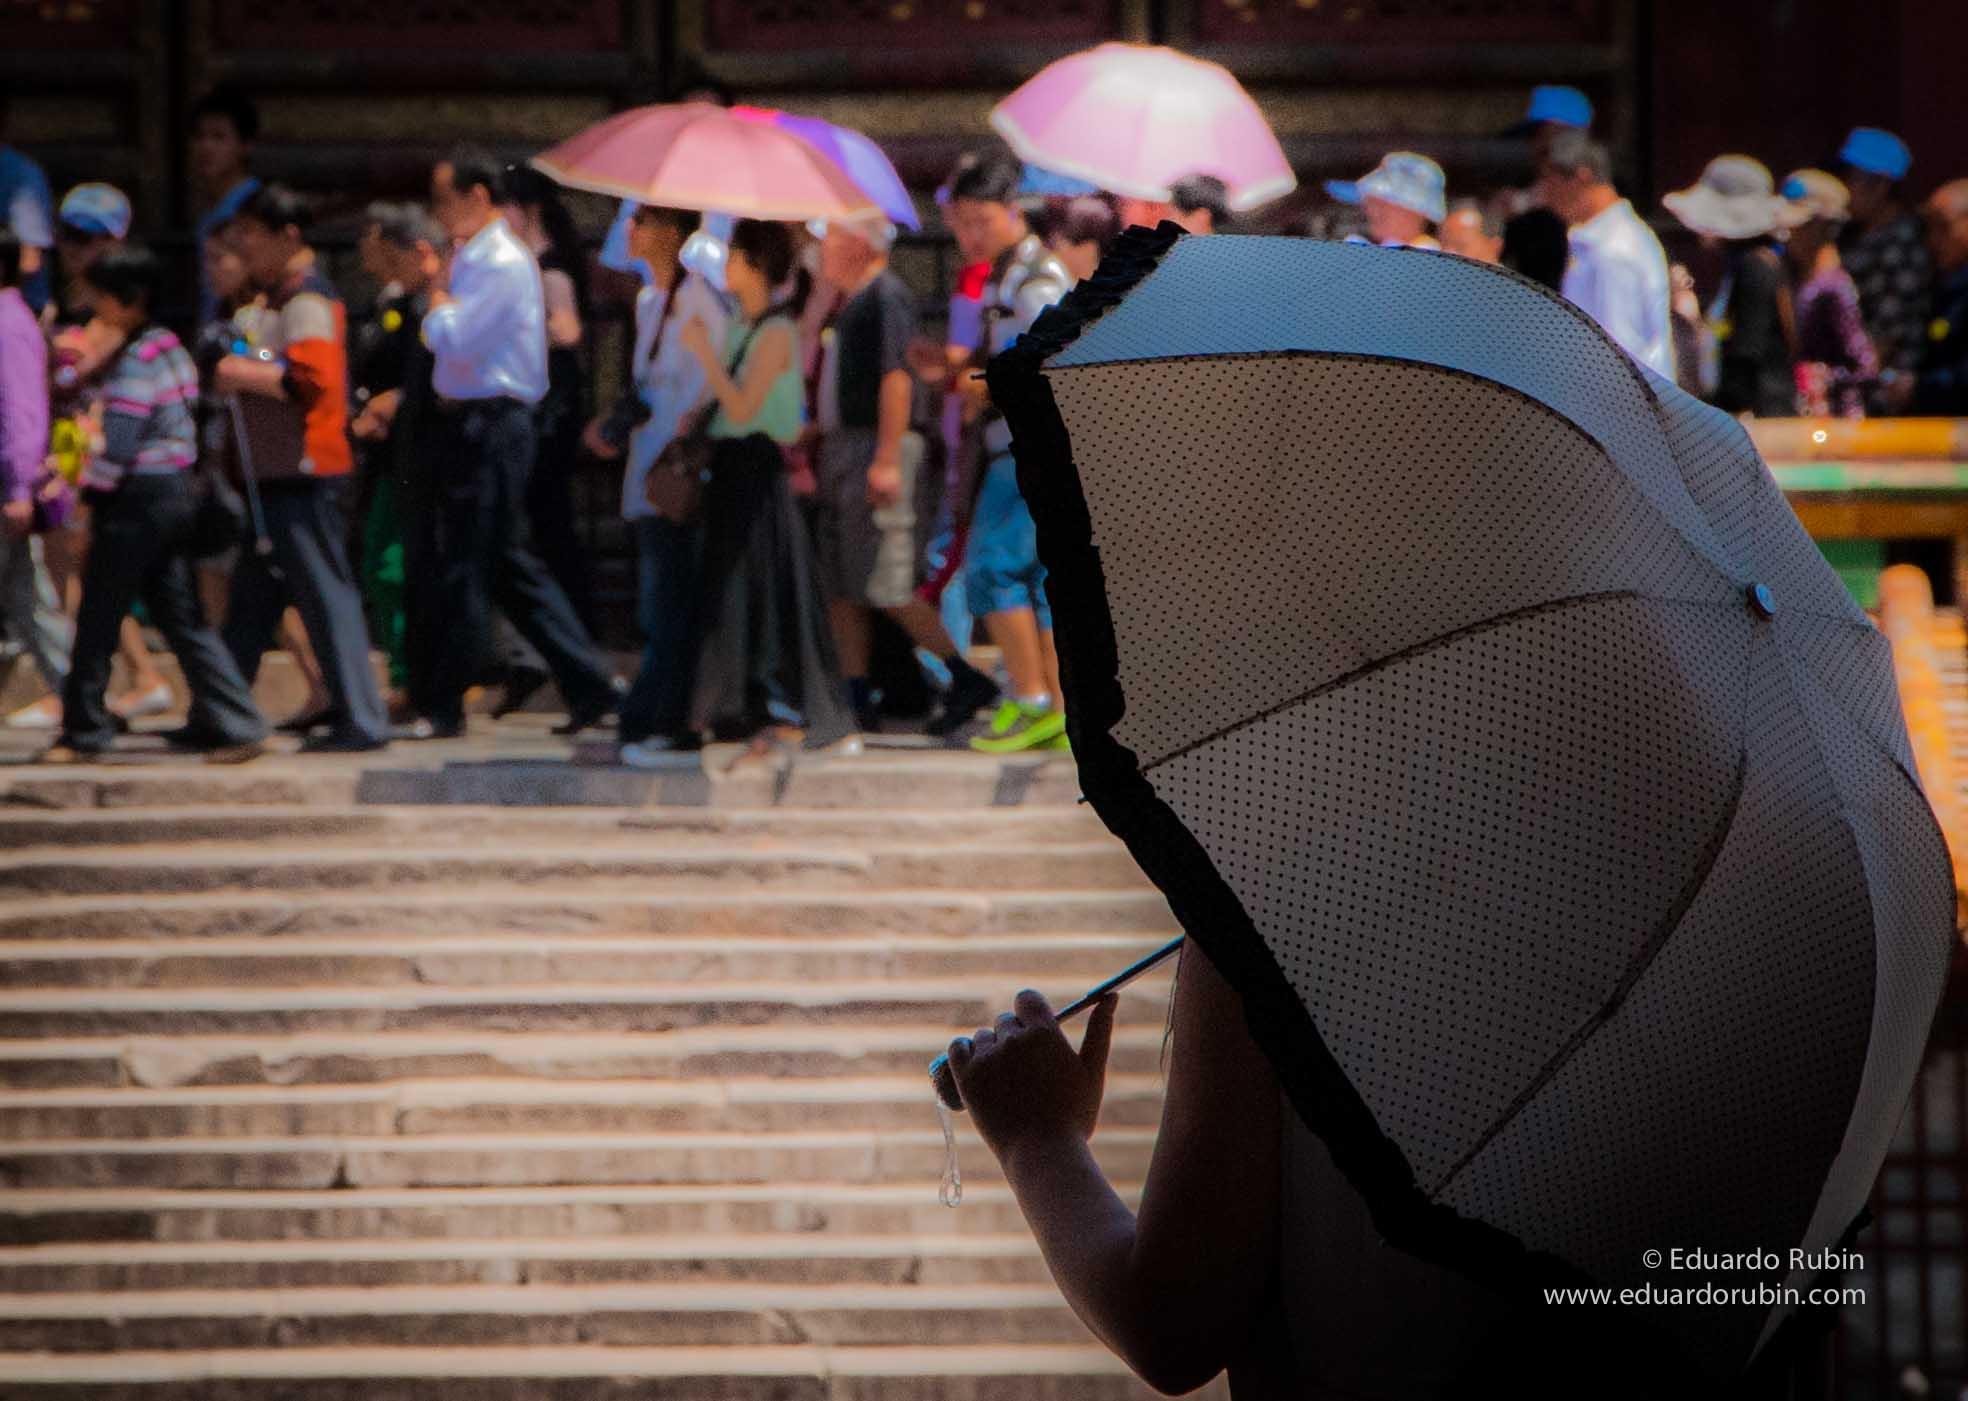 Umbrellas competition